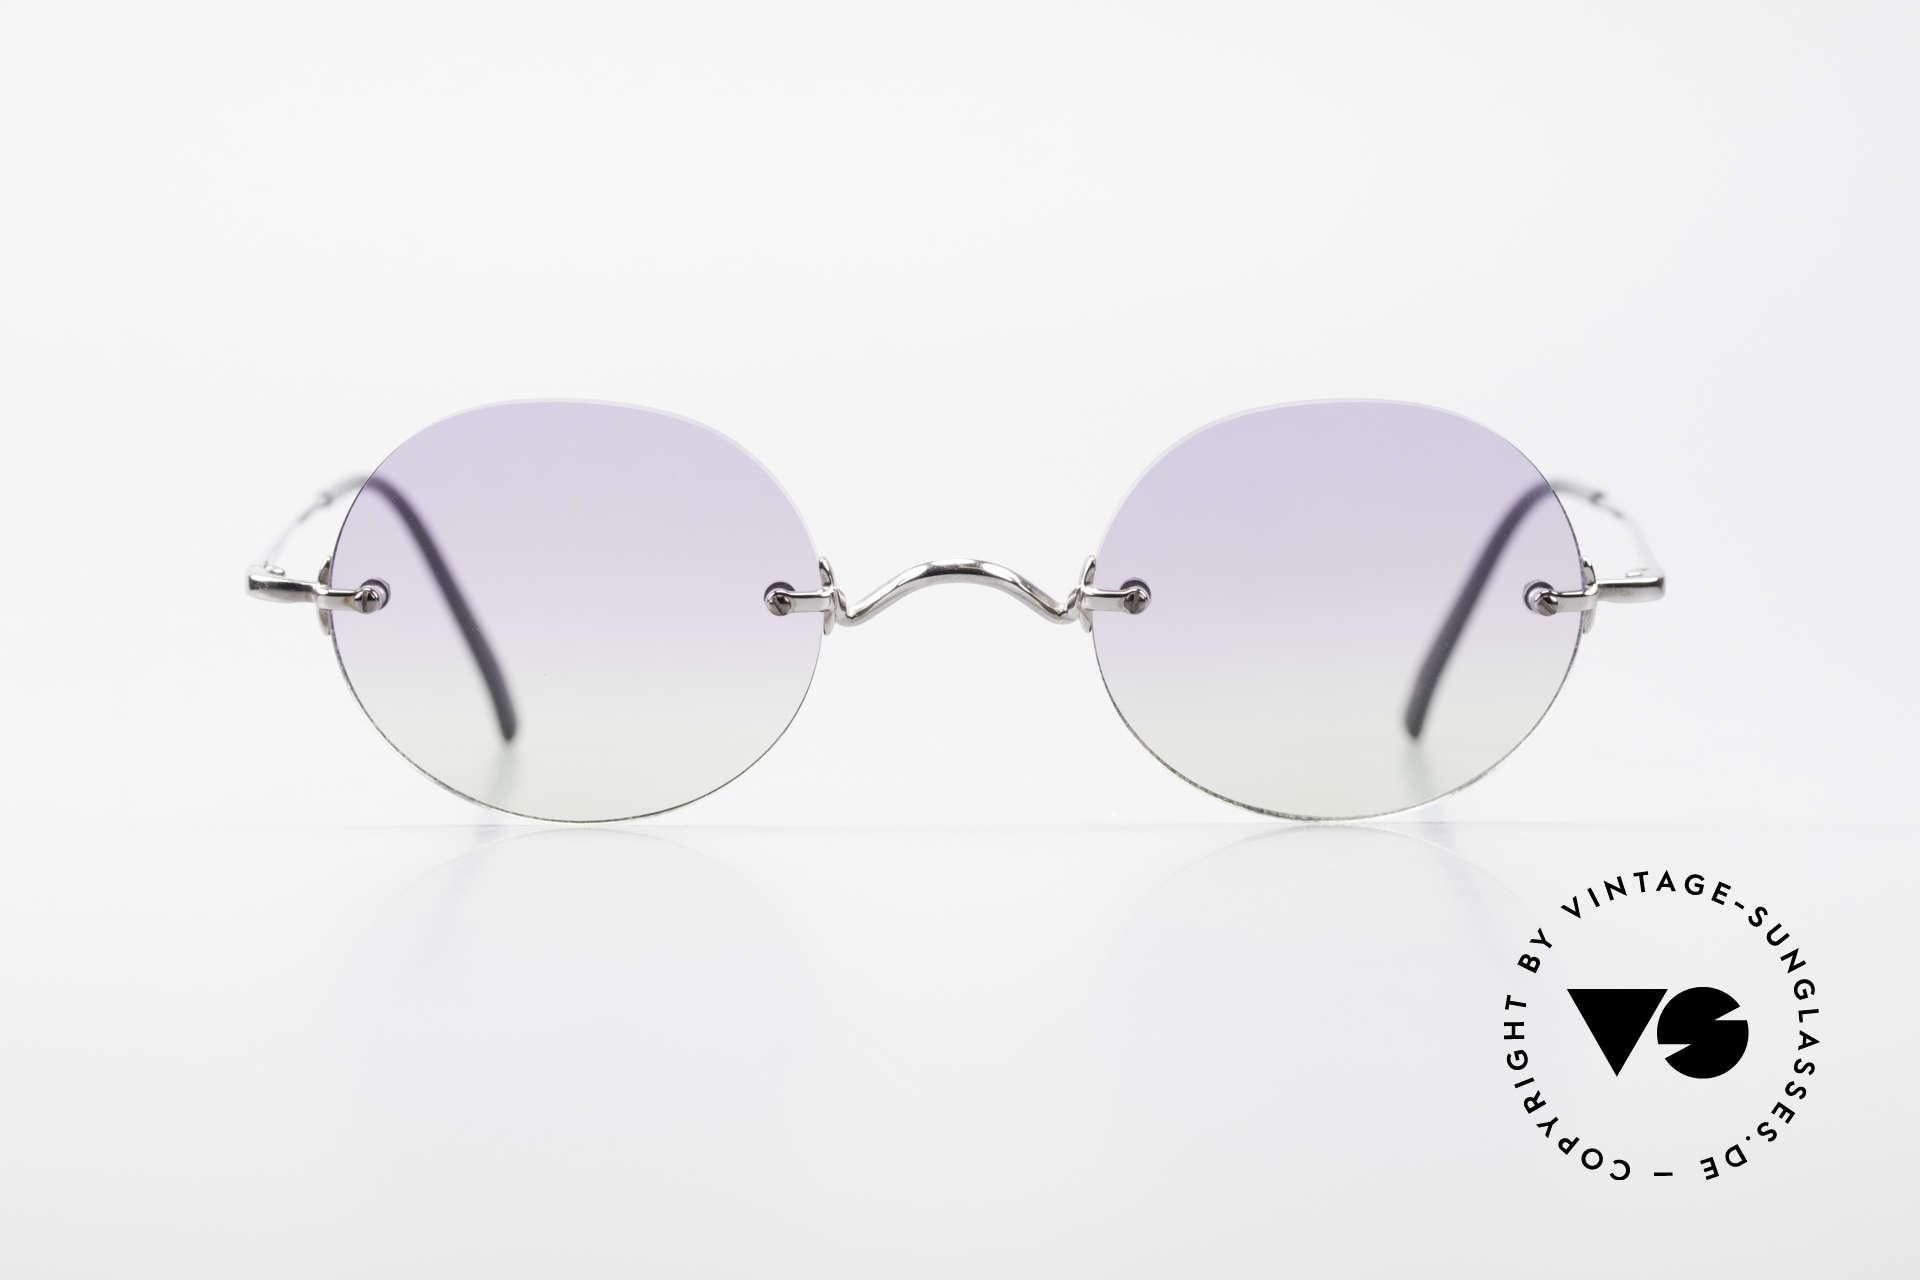 Freudenhaus Flemming Runde Sonnenbrille Randlos, silberne Metallfassung aus den 90ern, made in Japan, Passend für Herren und Damen